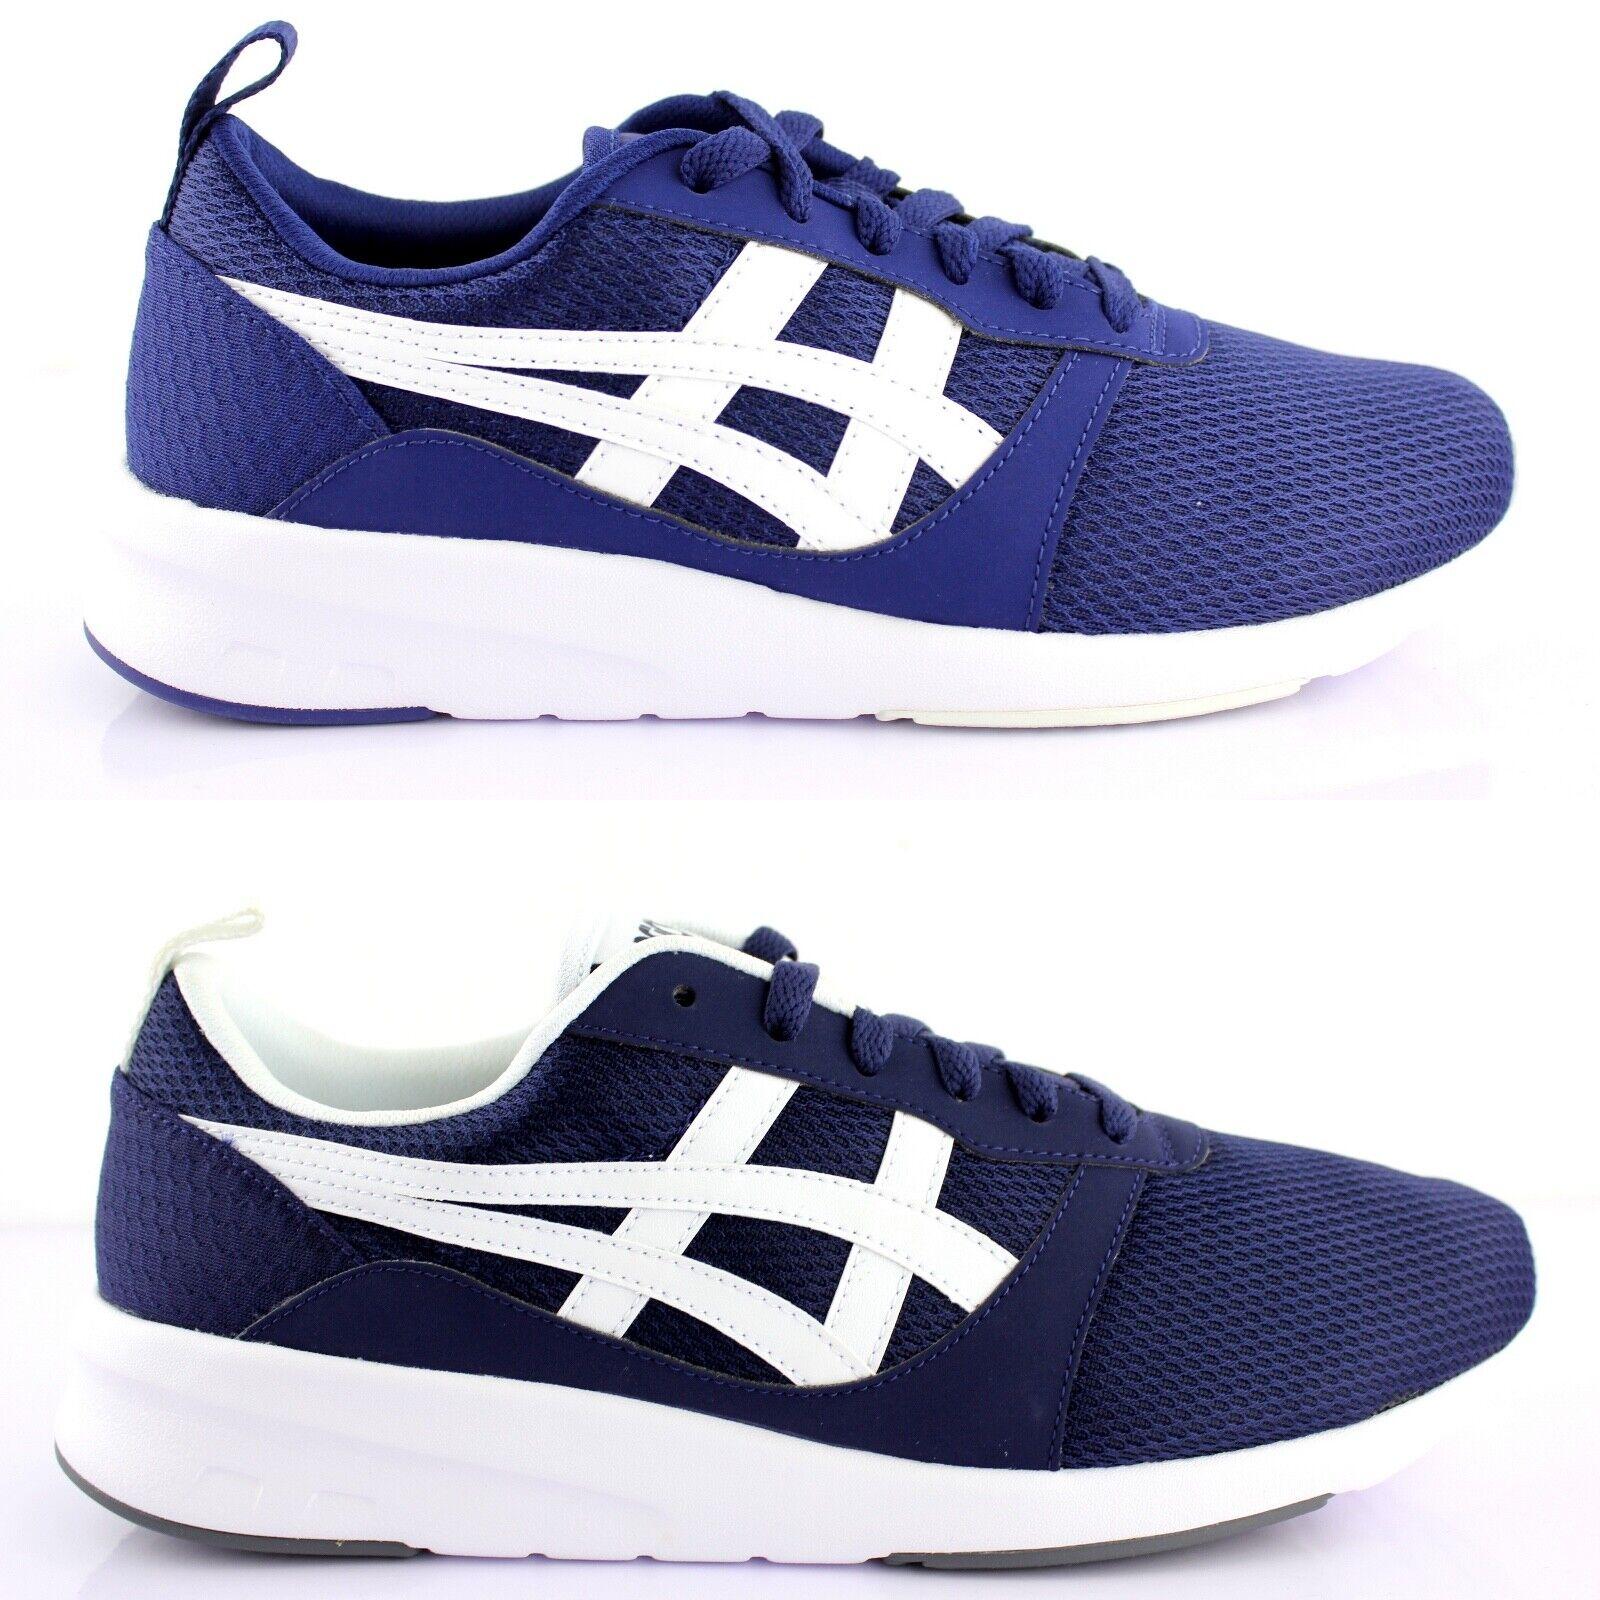 Asics Lyte jogger calcetines cortos schnürzapatos zapato bajo zapatos azul h7g1n